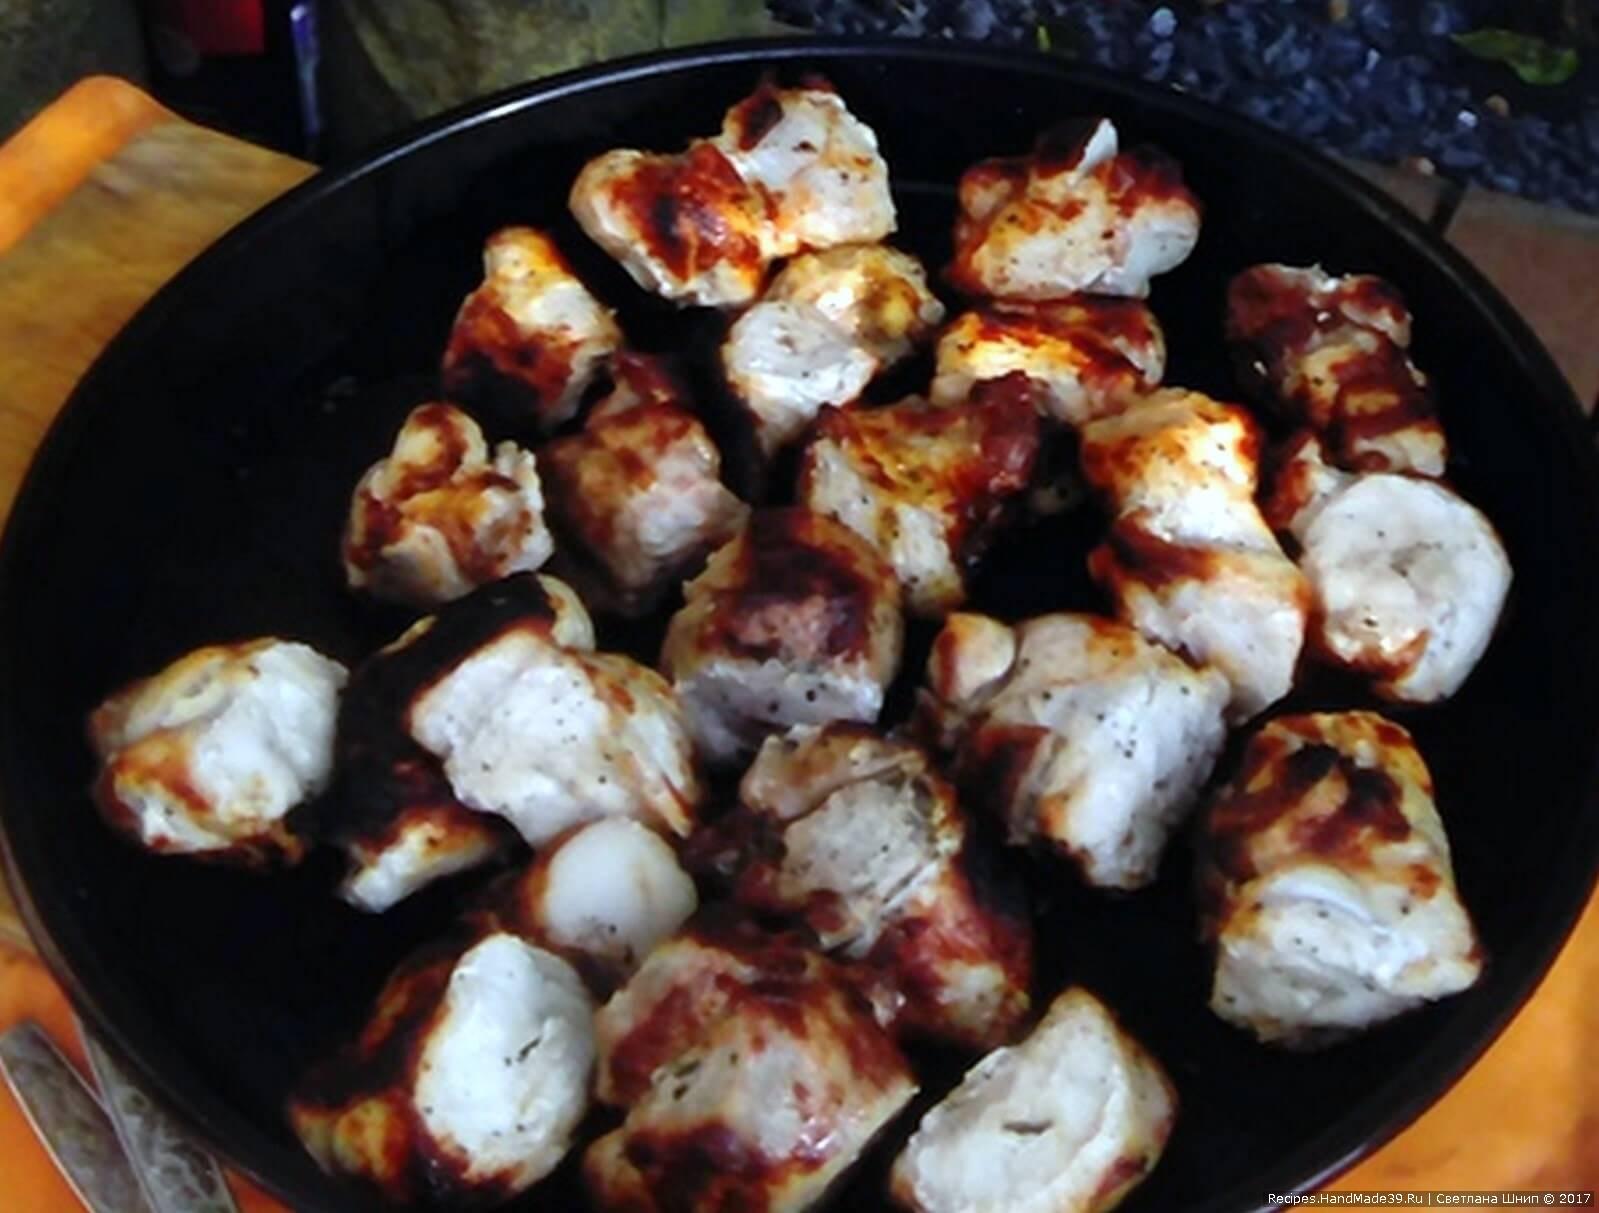 Продолжительность жарки шашлыка - 12-15 минут, в зависимости от силы огня и желаемой степени прожарки мяса. Поливать мясо во время жарки нет необходимости. Приятного аппетита!